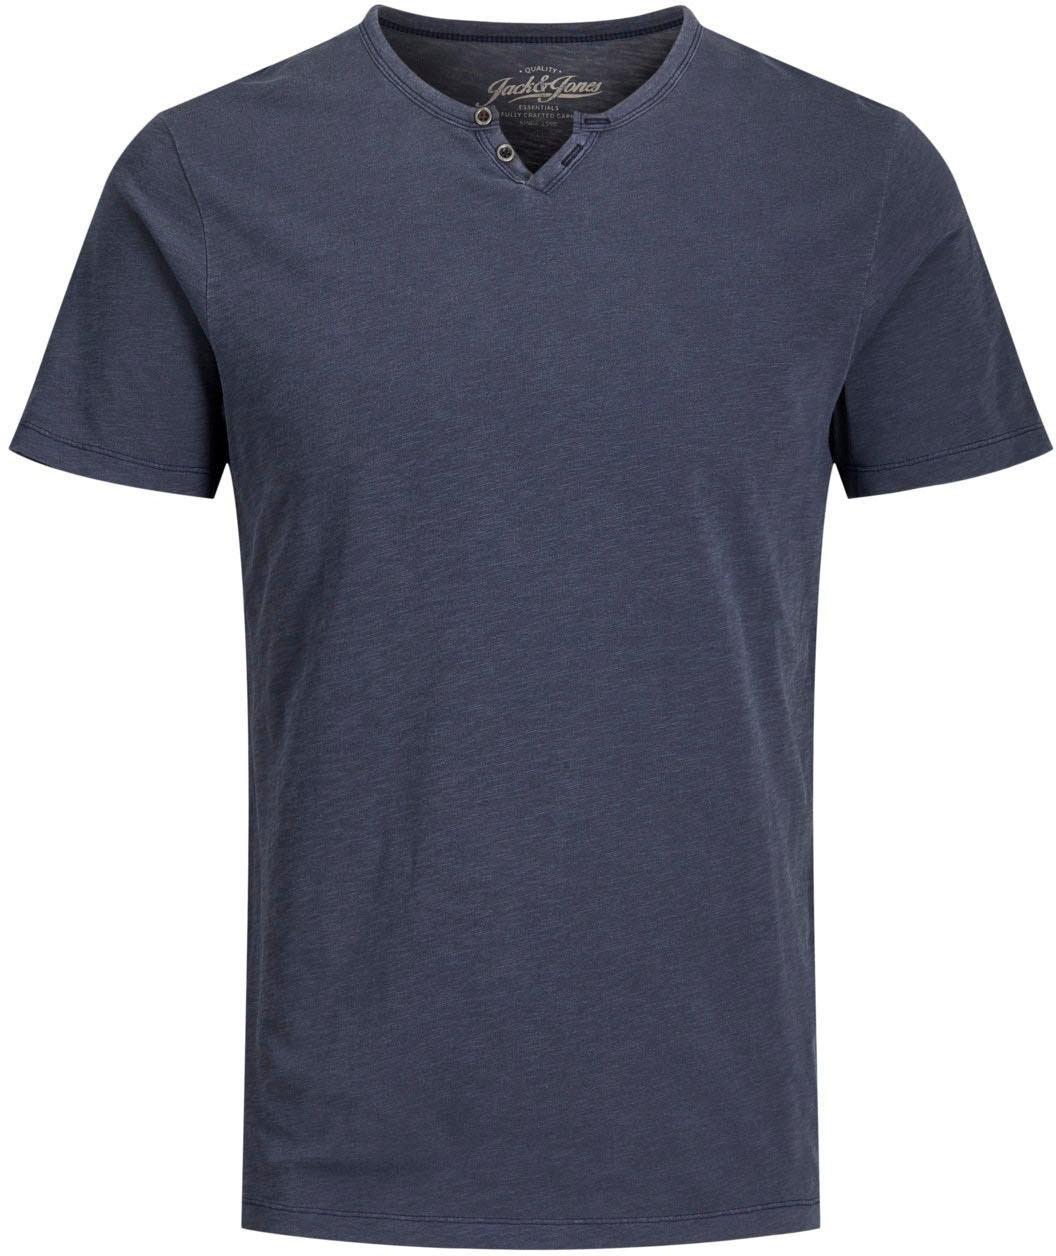 Jack & Jones shirt met V-hals »Split V Neck Shirt« veilig op otto.nl kopen